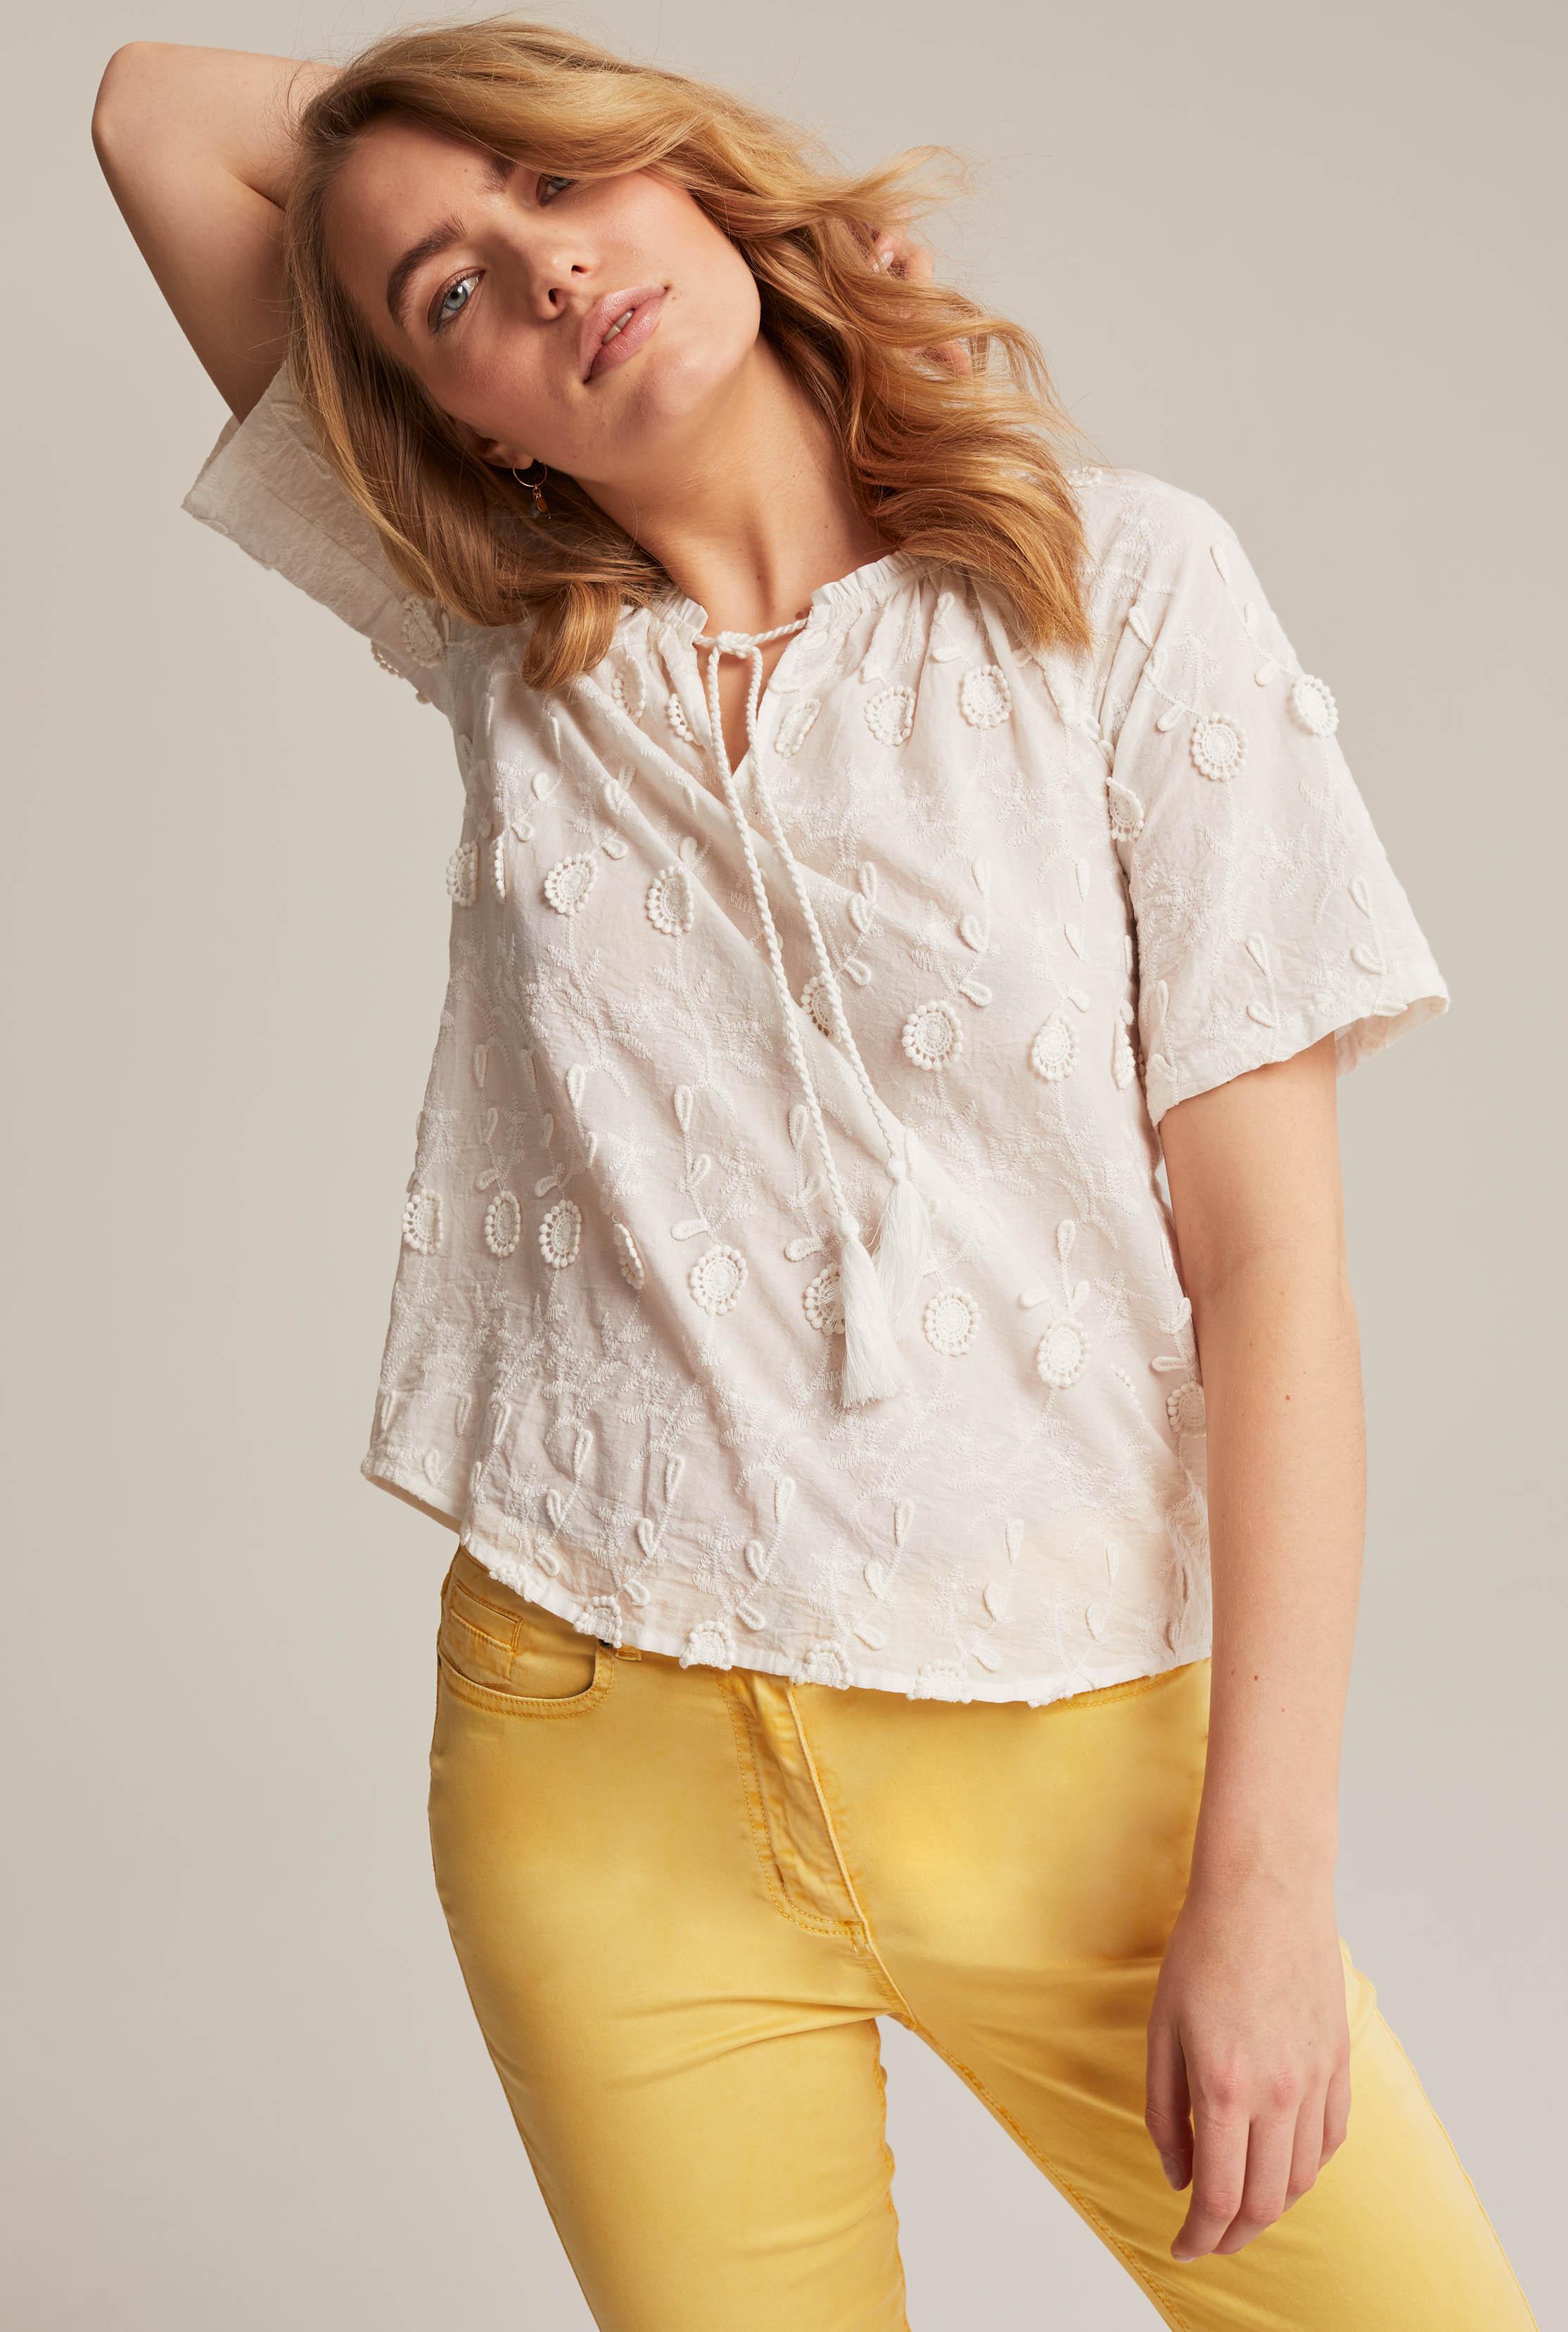 Cotton Applique Floral Top